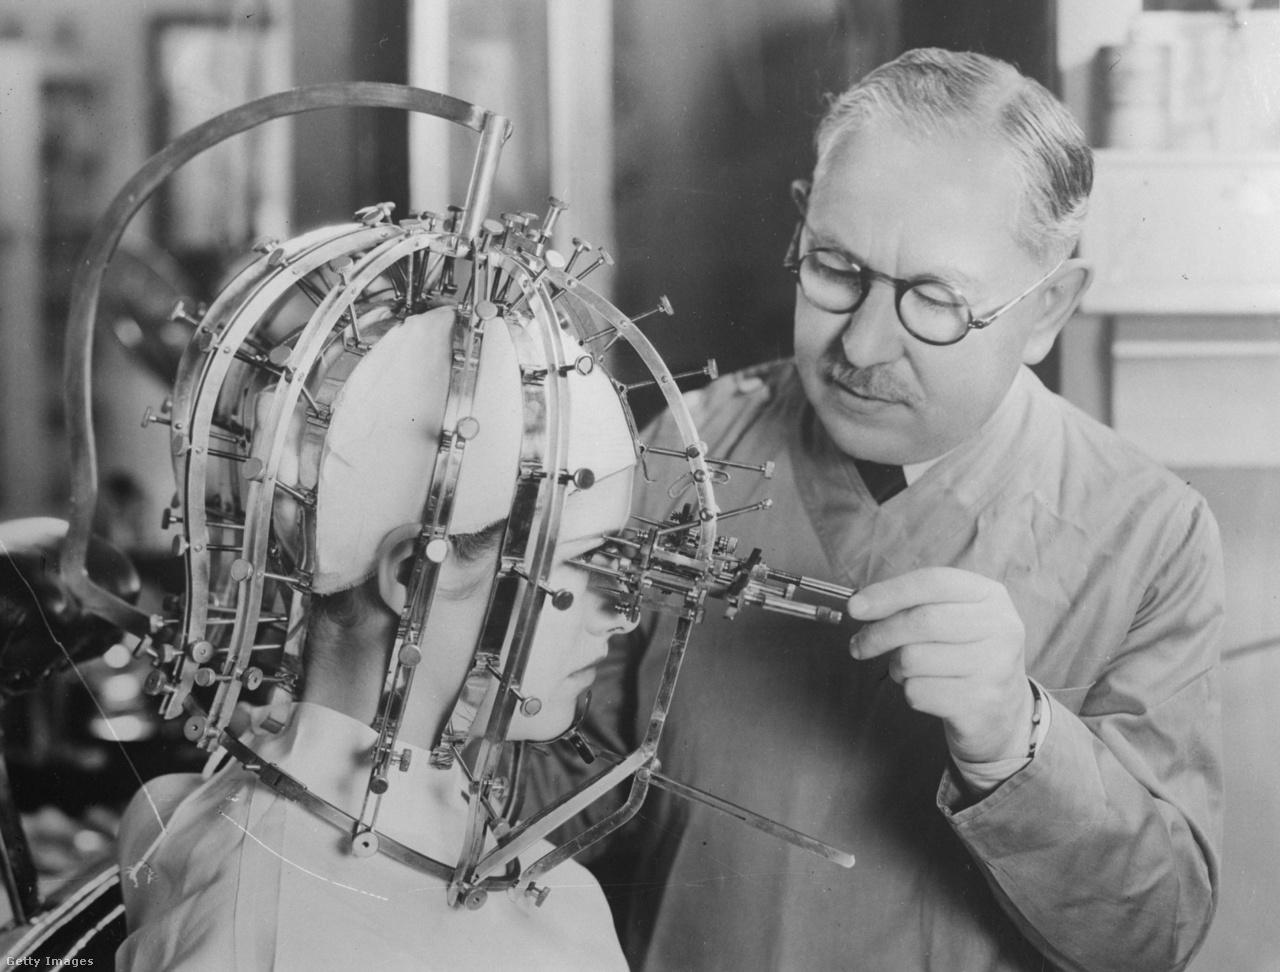 1933: Max Factor, a kozmetikai ipar legendás szereplője precíz méreteket vesz egy fiatal nő fejéről egy leginkább kínzóeszköznek tűnő, saját fejlesztésű szerkezet segítségével.